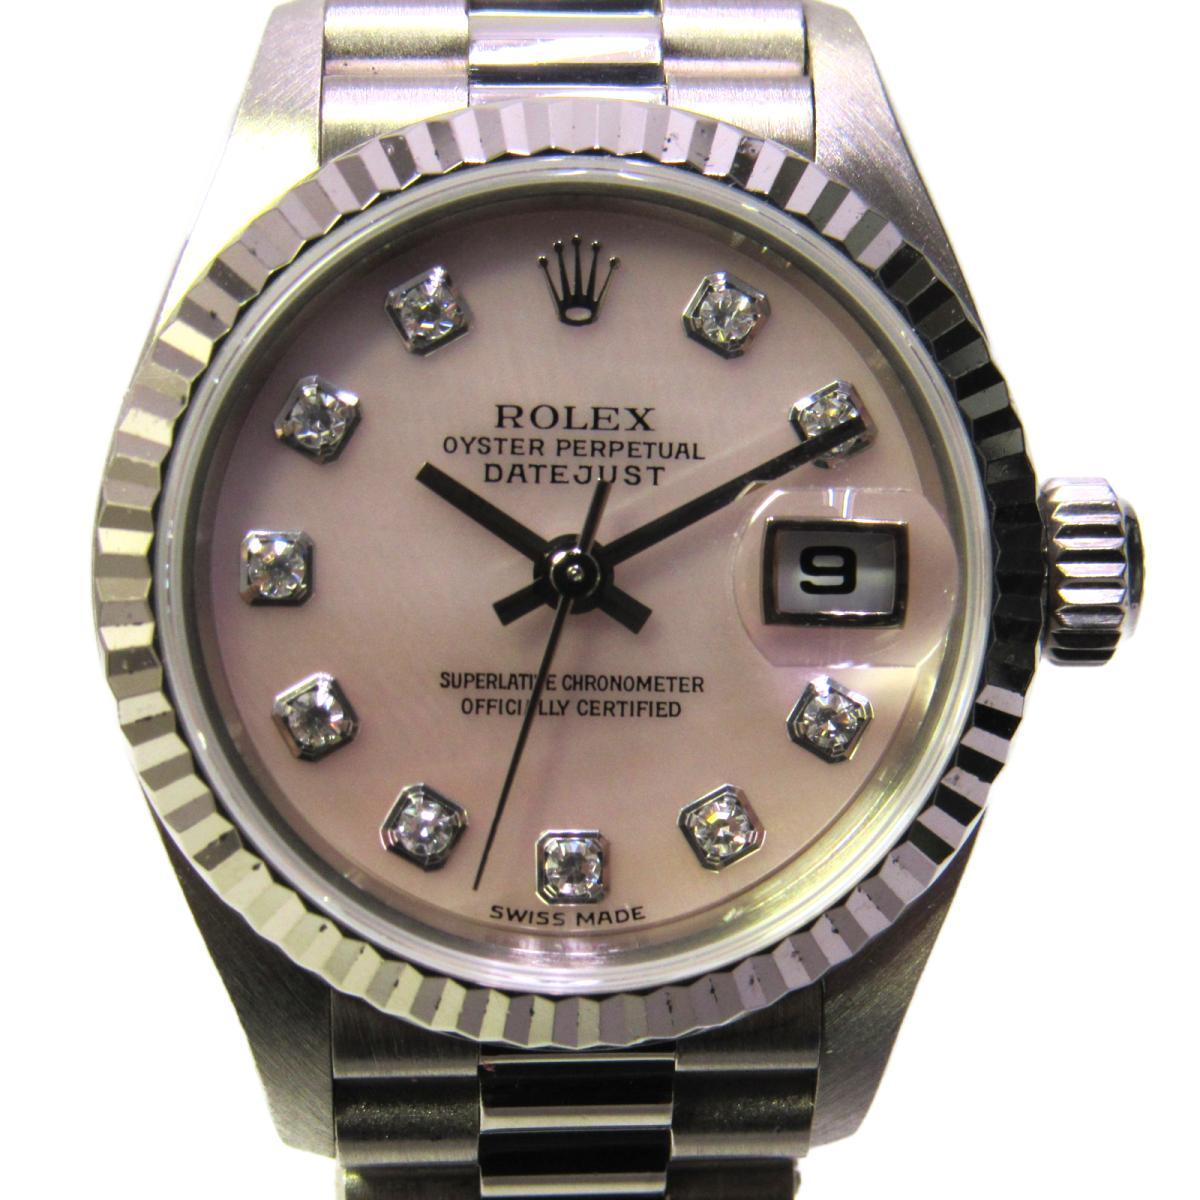 【中古】 ロレックス デイトジャスト 腕時計 ウォッチ レディース K18WG (750)ホワイトゴールド x 10P ダイヤモンド (79179NG) | ROLEX BRANDOFF ブランドオフ ブランド ブランド時計 ブランド腕時計 時計